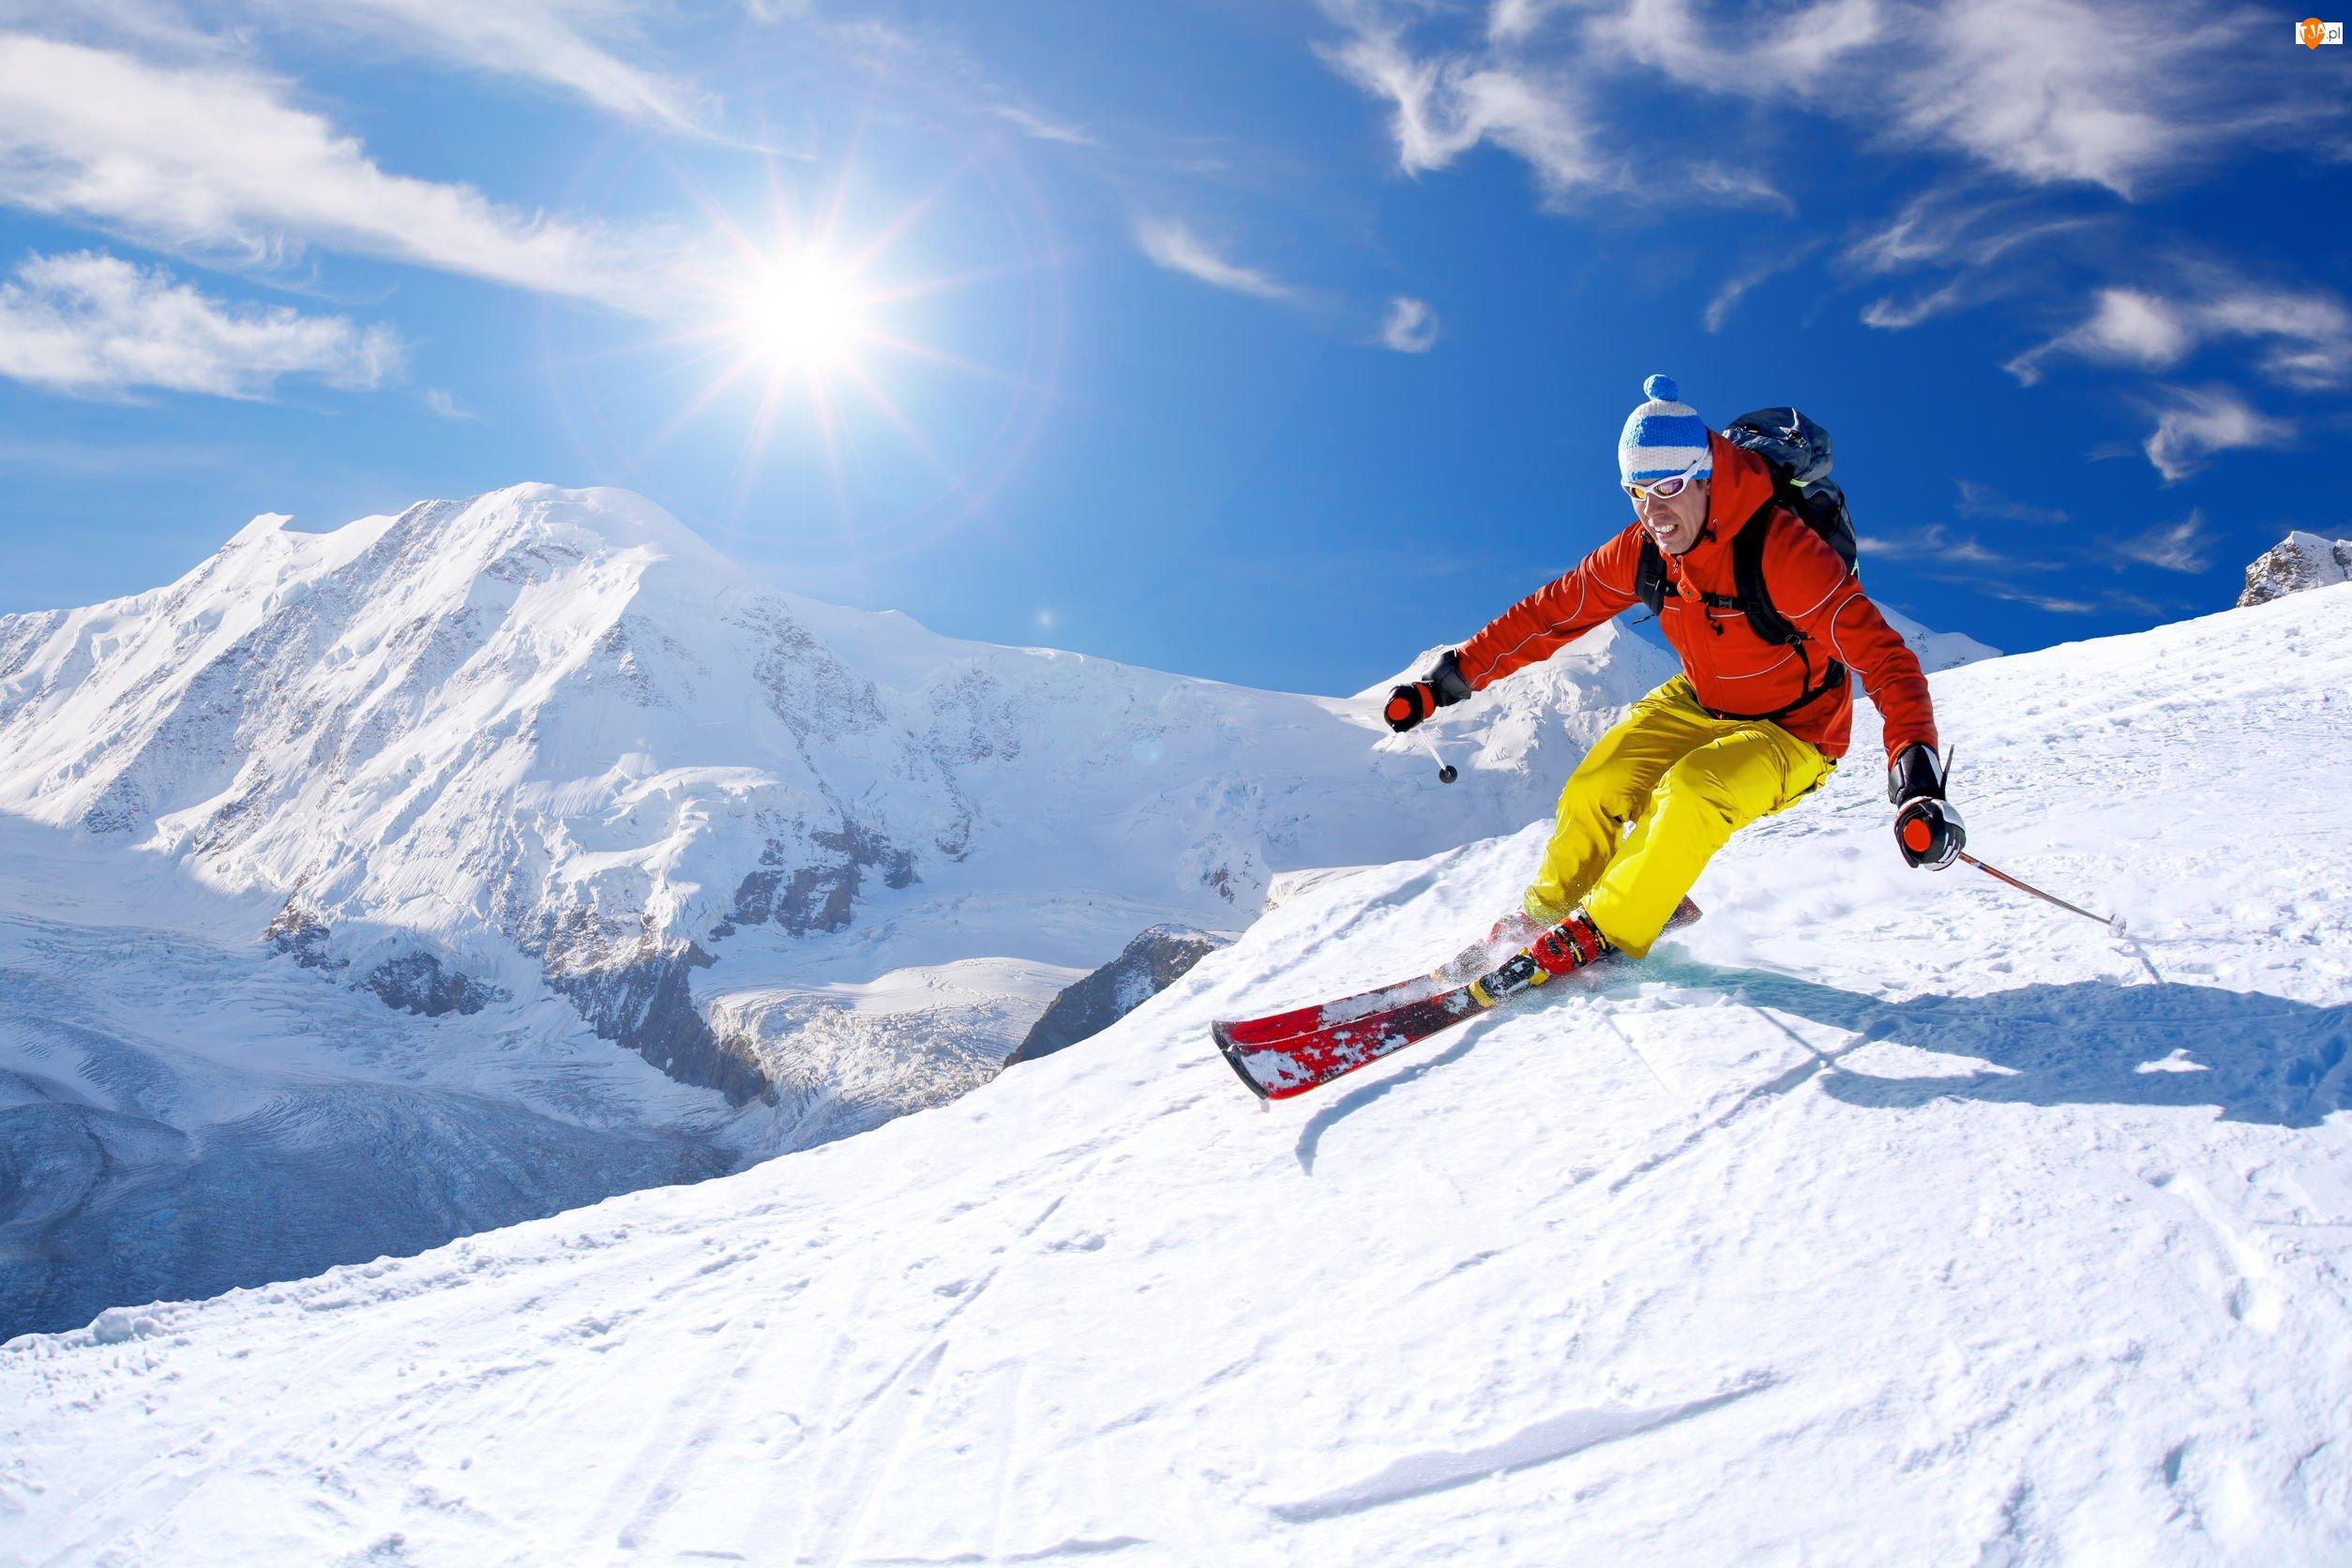 Narciarstwo, Zima, Narciarz, Sport extremalny